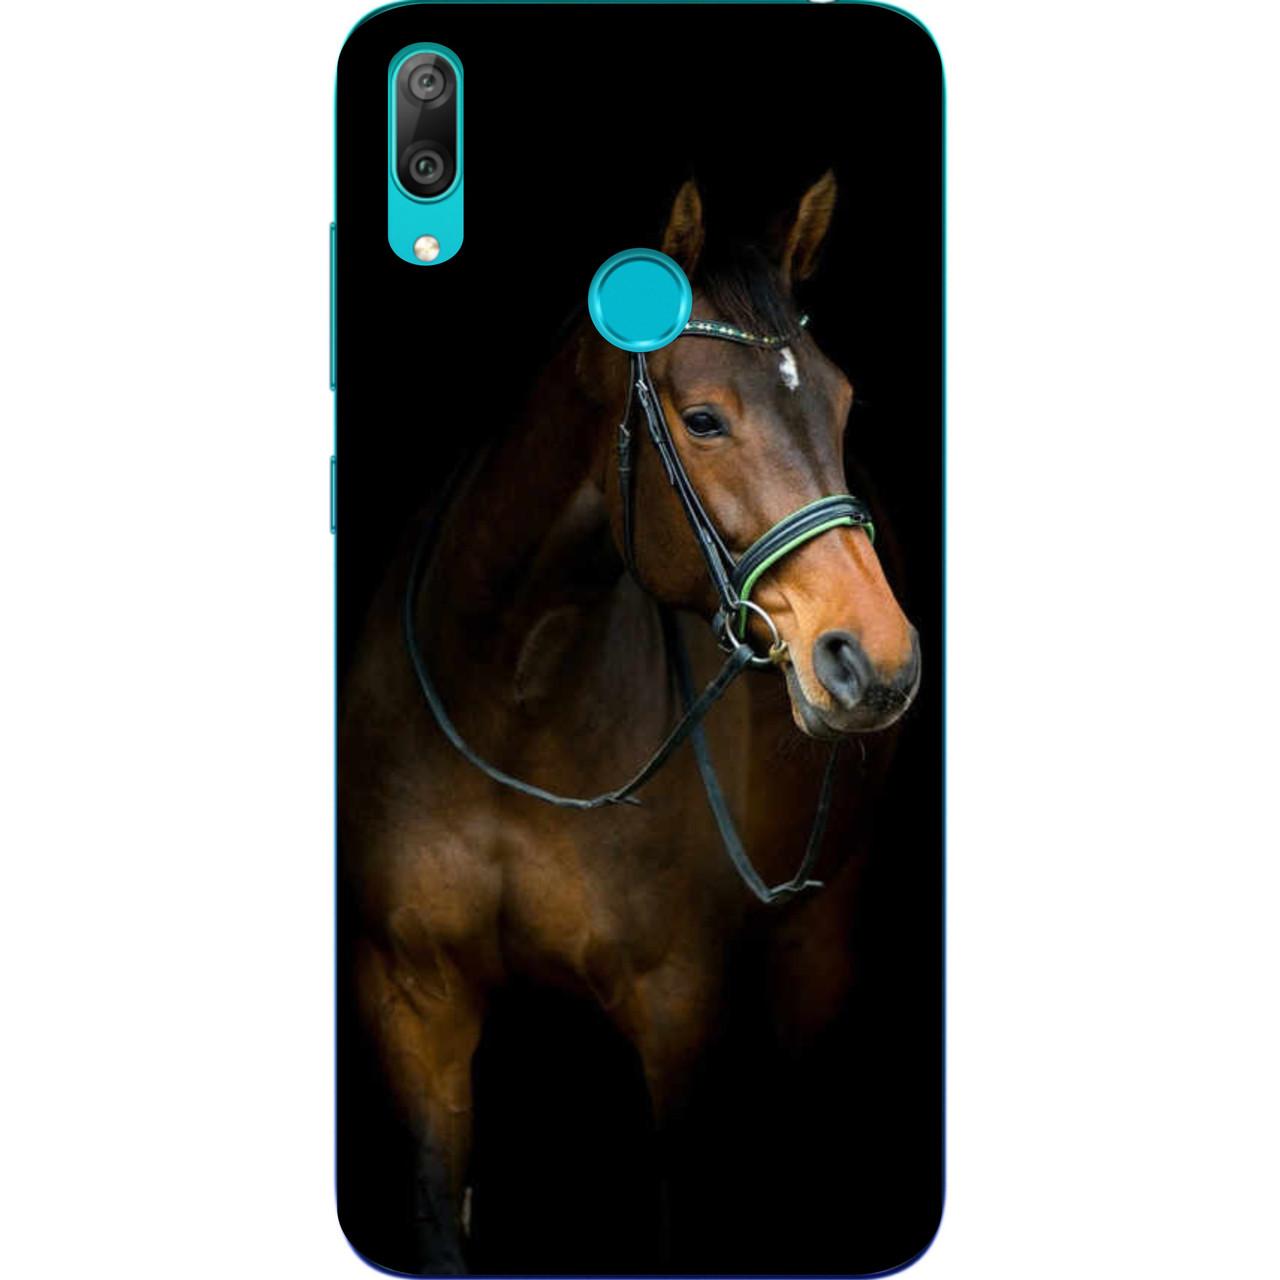 эскиз чехлы на телефон с картинкой коня шортики обычно